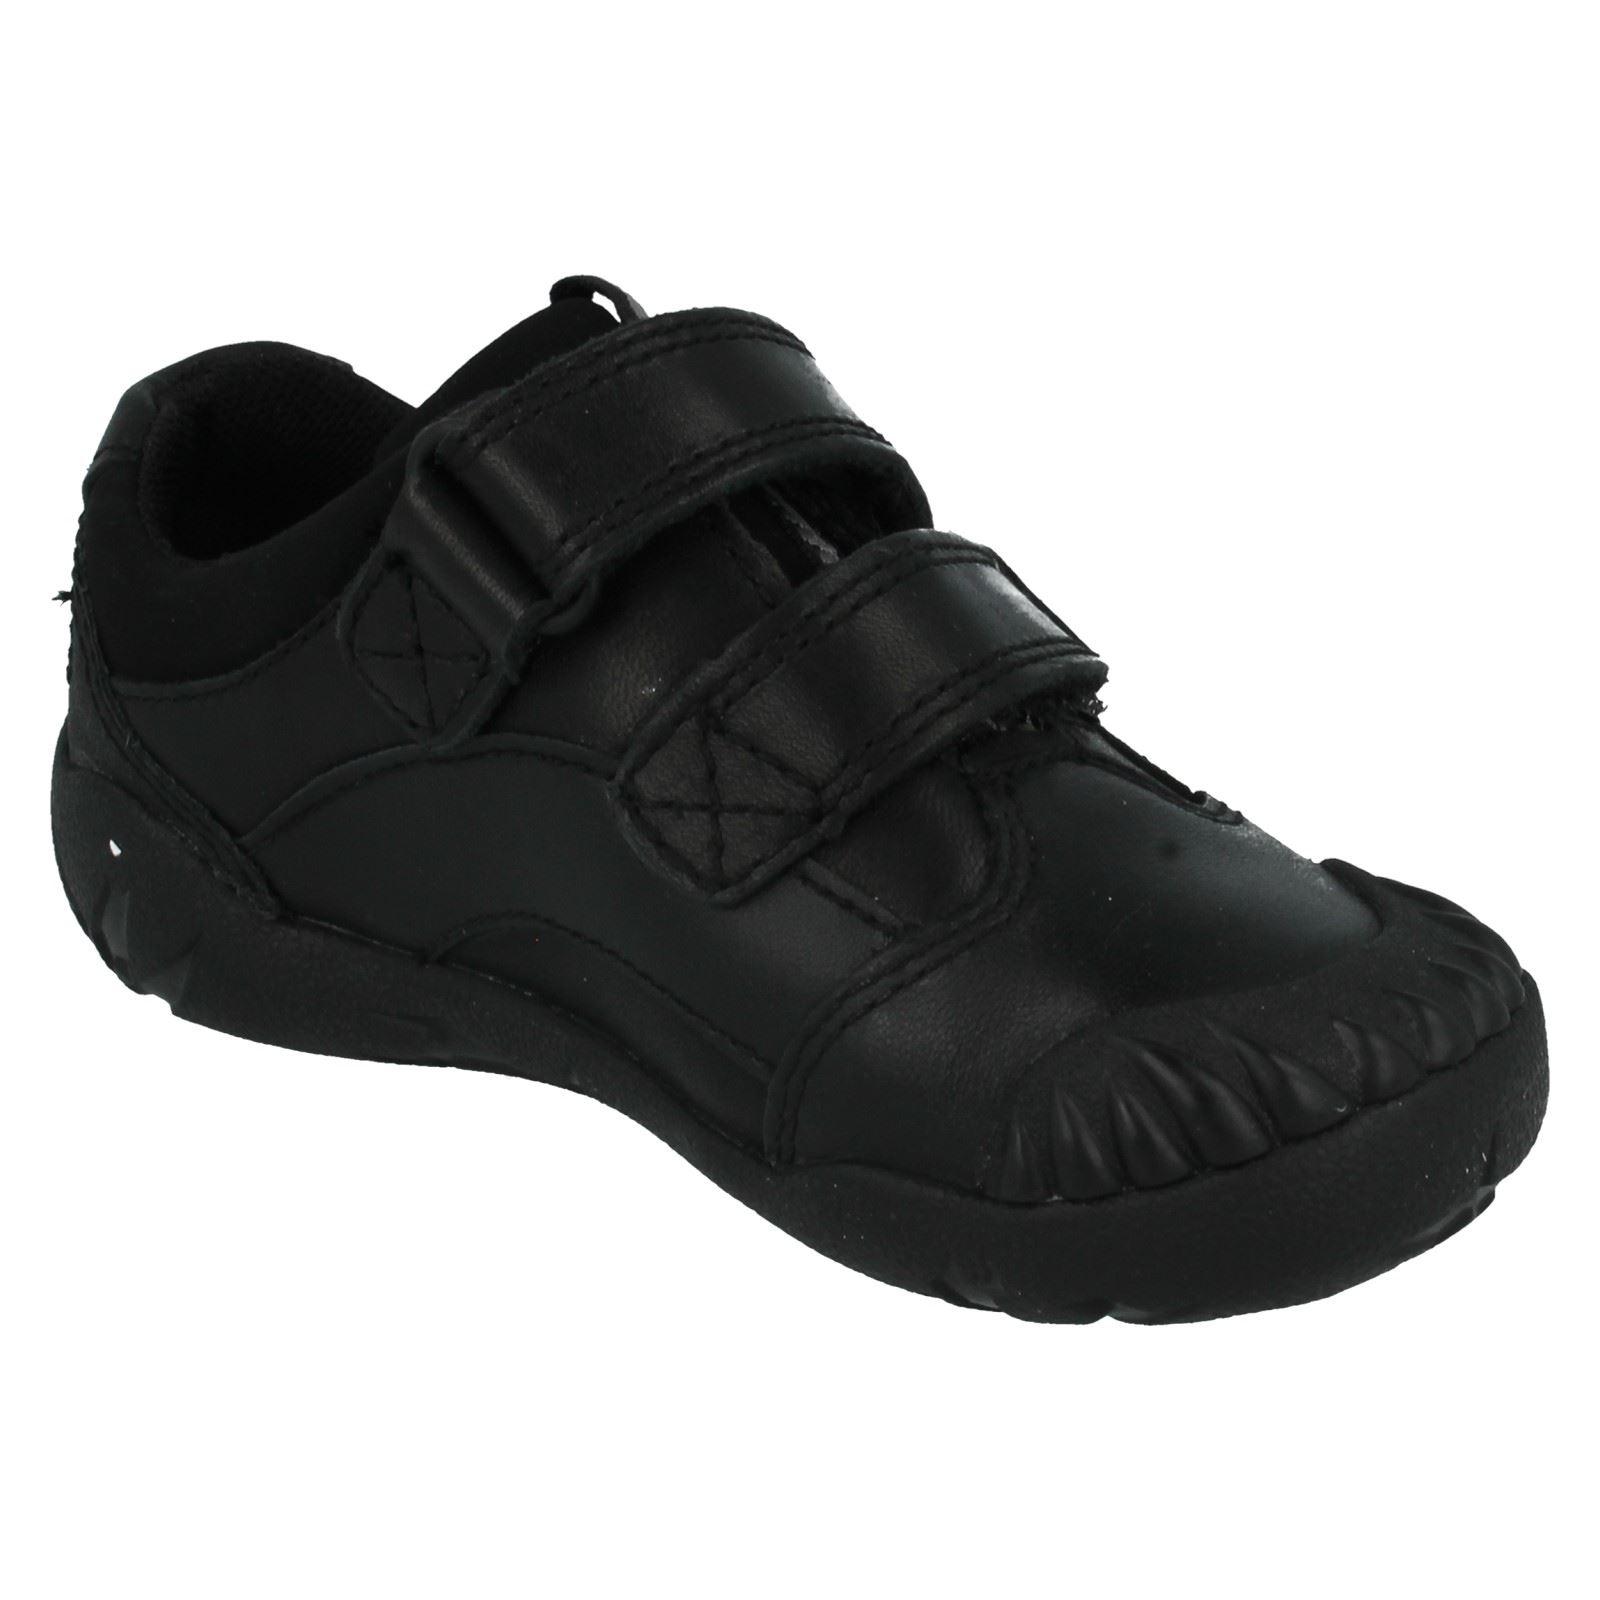 Los chicos calzado Clarks raptoboy